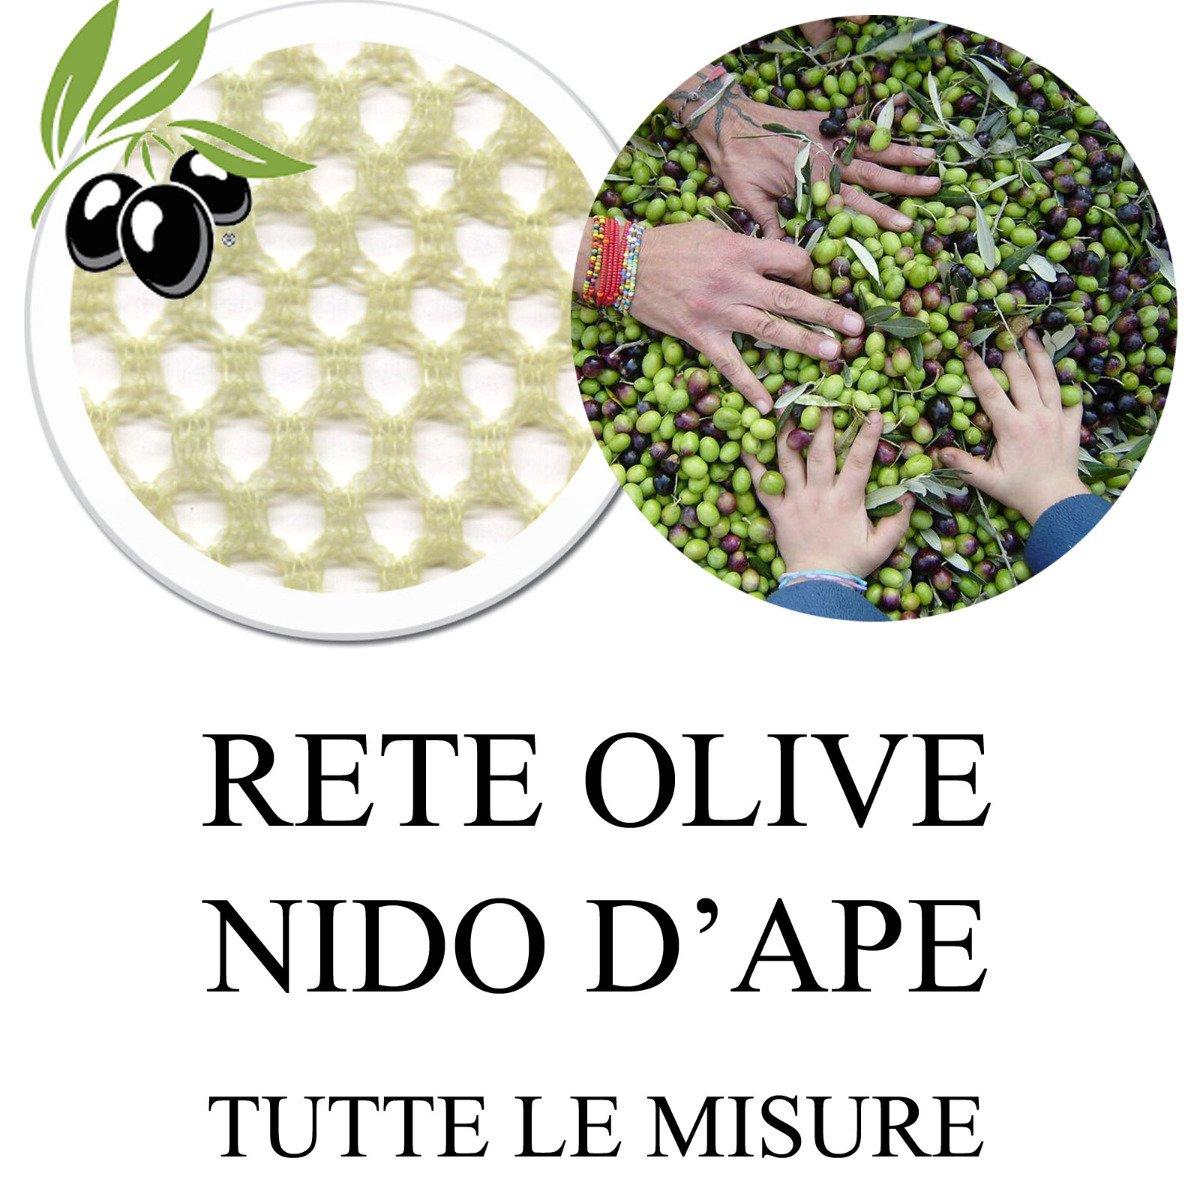 Rete Raccolta Olive Nido D'Ape 60gr/mq con Spacco Apertura 8x8 m Stock STI